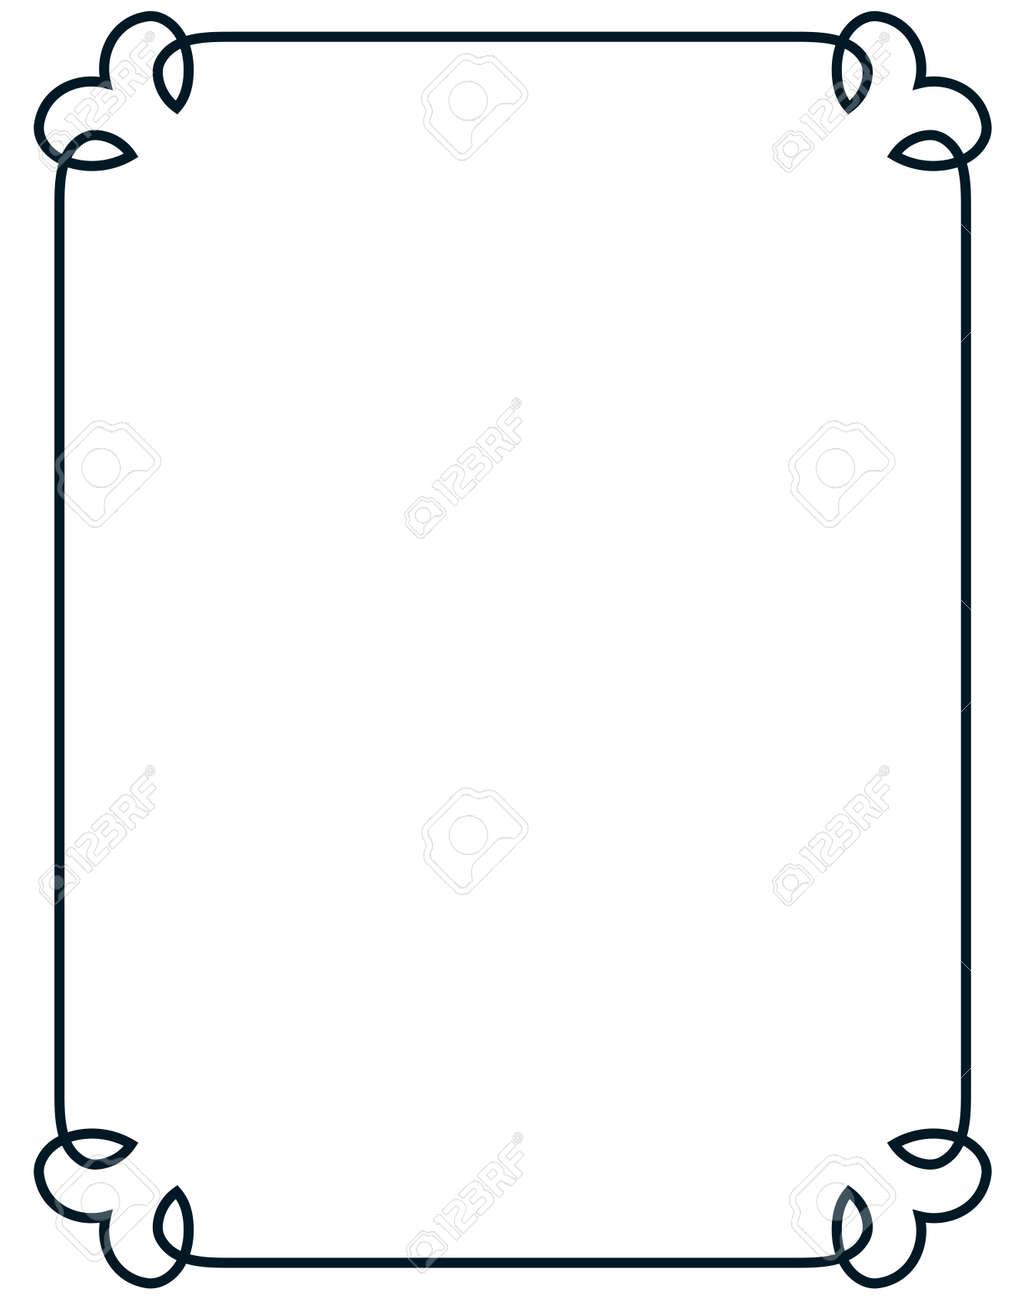 border frame line deco vector label simple royalty free cliparts rh 123rf com art deco vector art art deco frames vectors